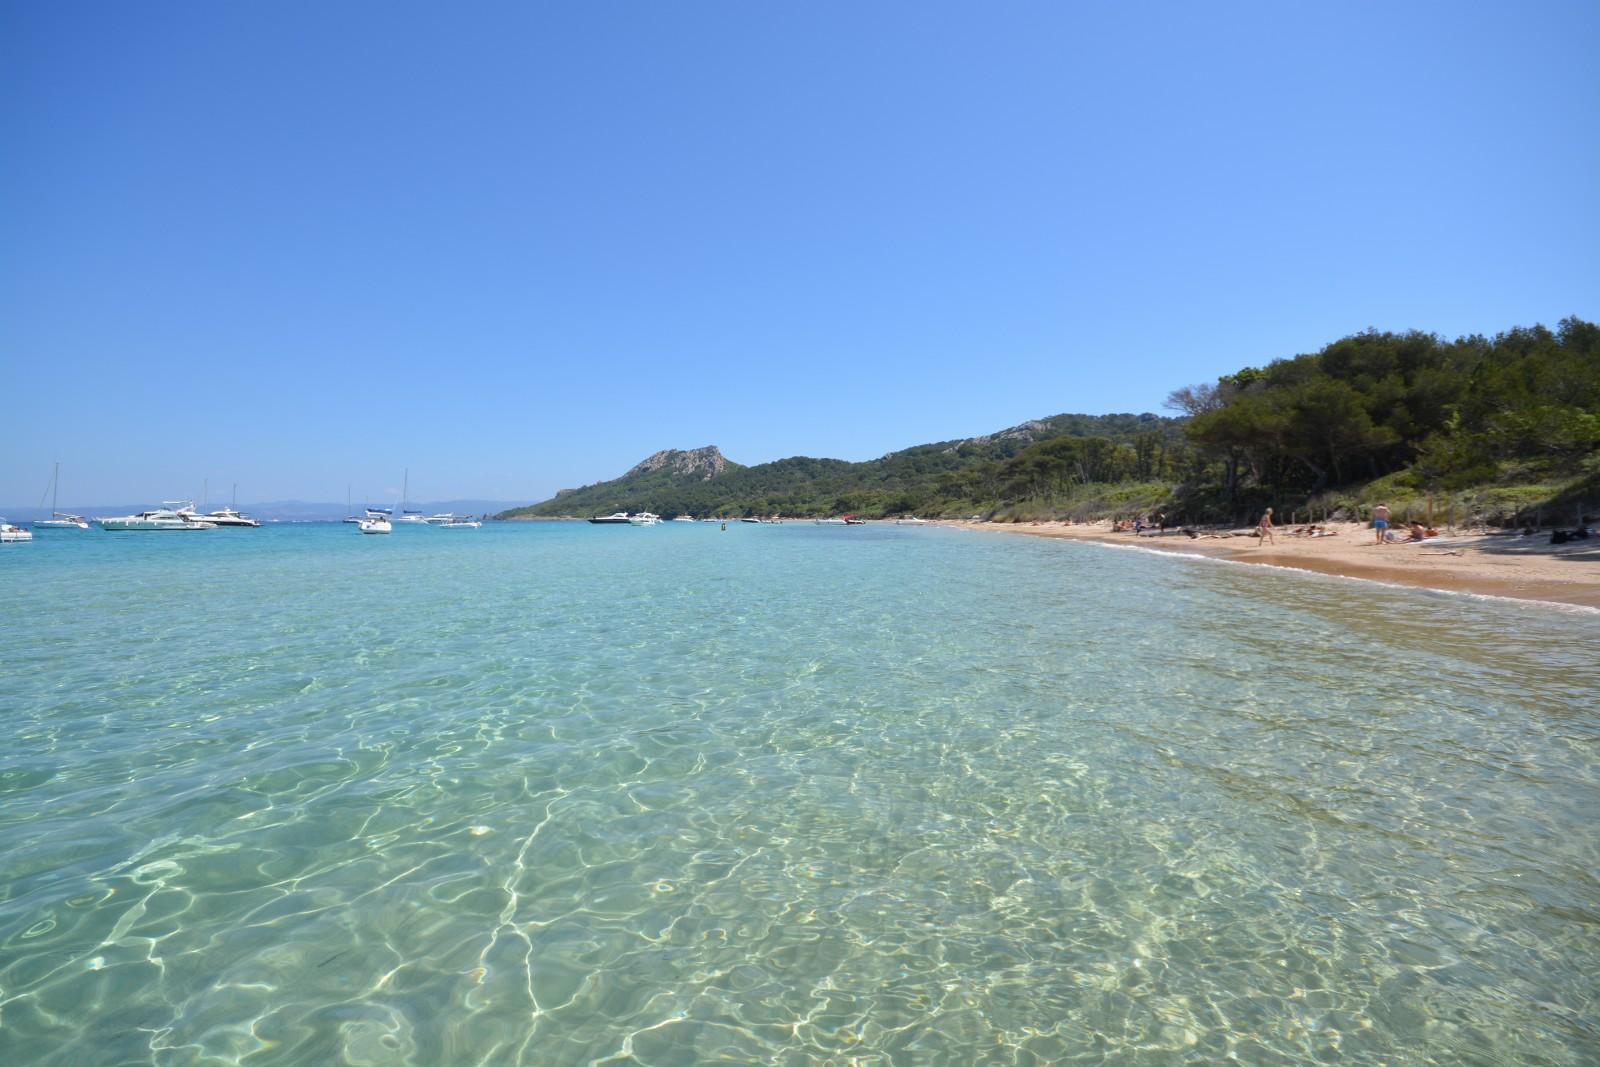 Les plages de porquerolles office de tourisme d 39 hy res - Office du tourisme ile de porquerolles ...